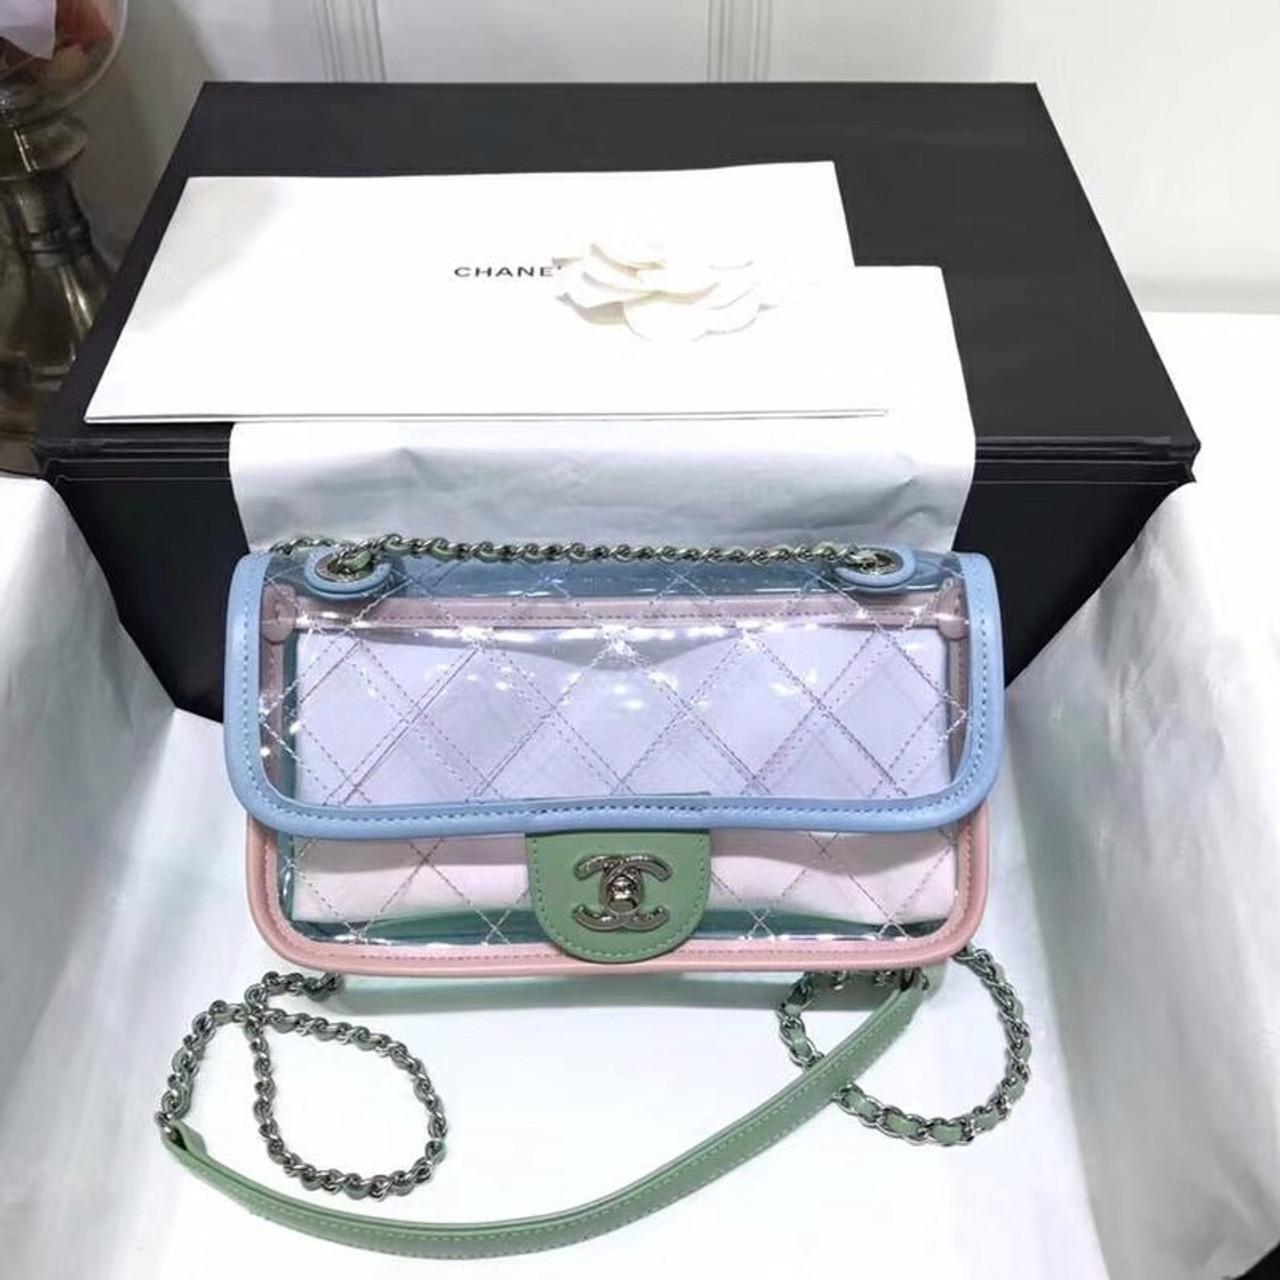 d6d0fabccc33 CHANEL 2018 Small PVC Flap Bag - Bella Vita Moda